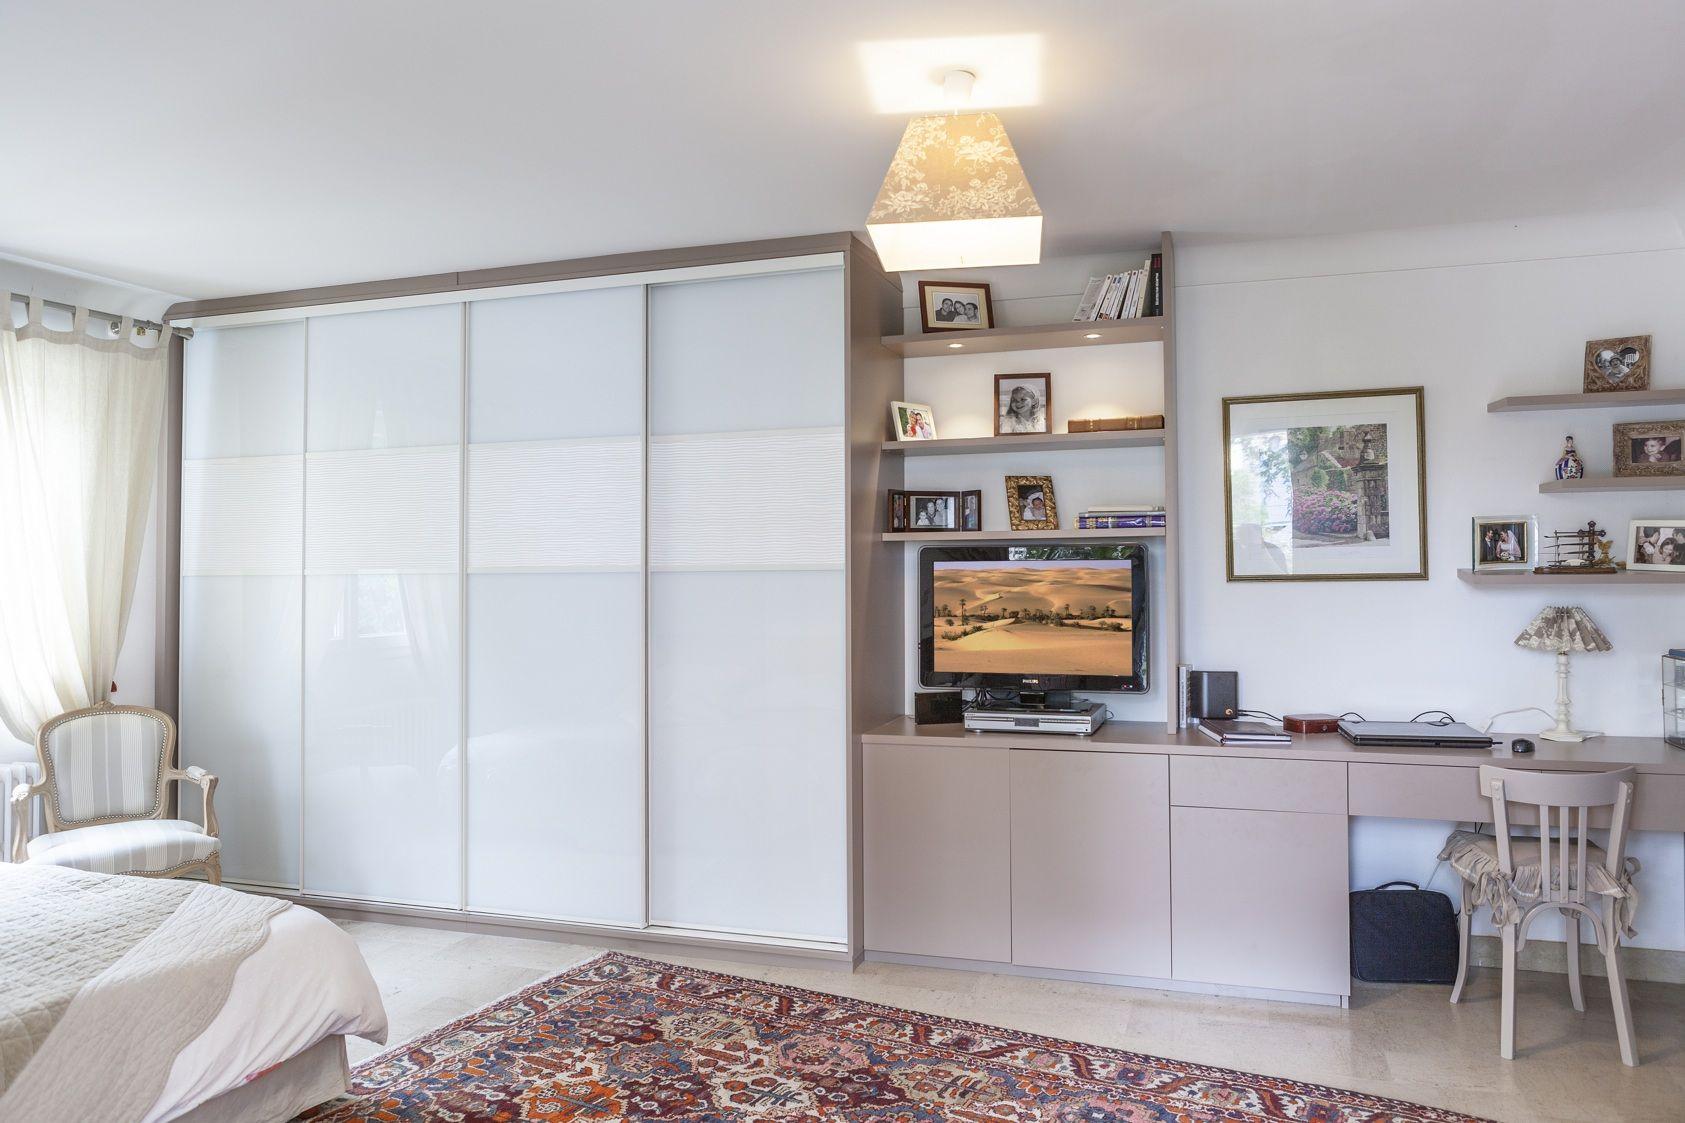 Placard Sur Mesure Portes Coulissantes En Verre Laque Blanc Placard Design Armoire Design Amenagement Placard Chambre